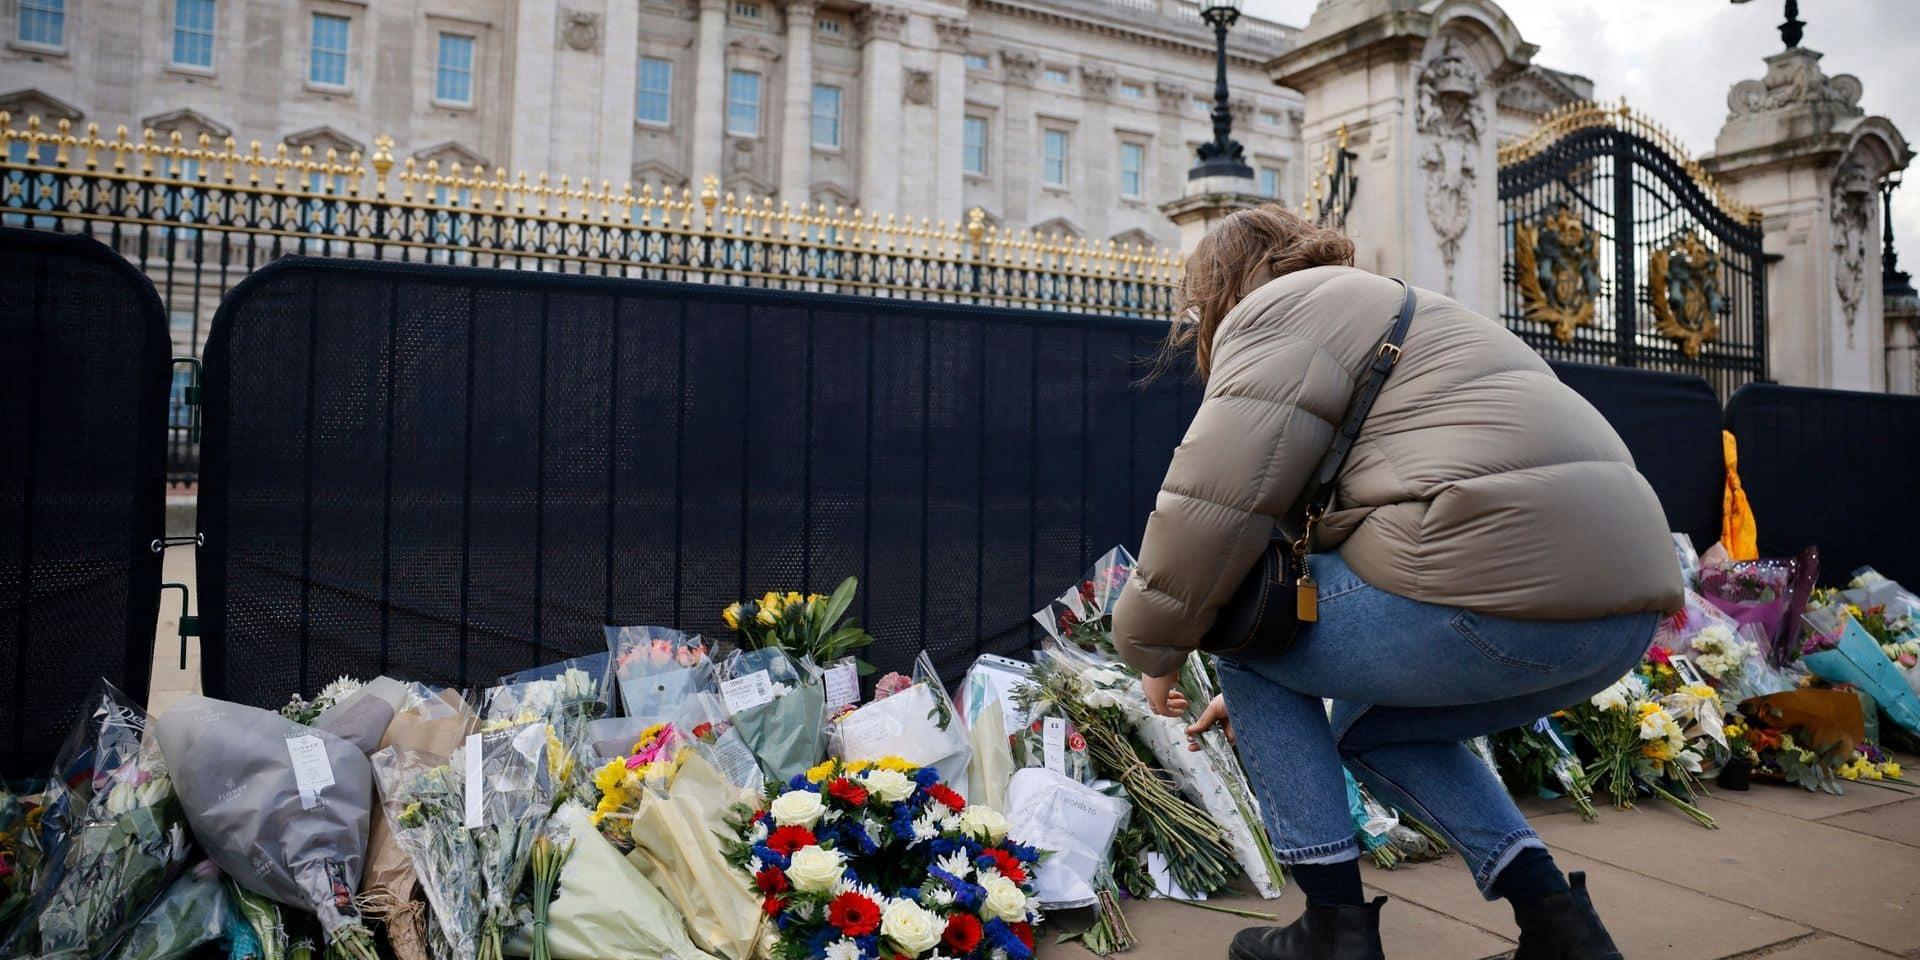 Les modestes funérailles du Prince Philip, l'occasion d'un rapprochement entre Harry et William ?